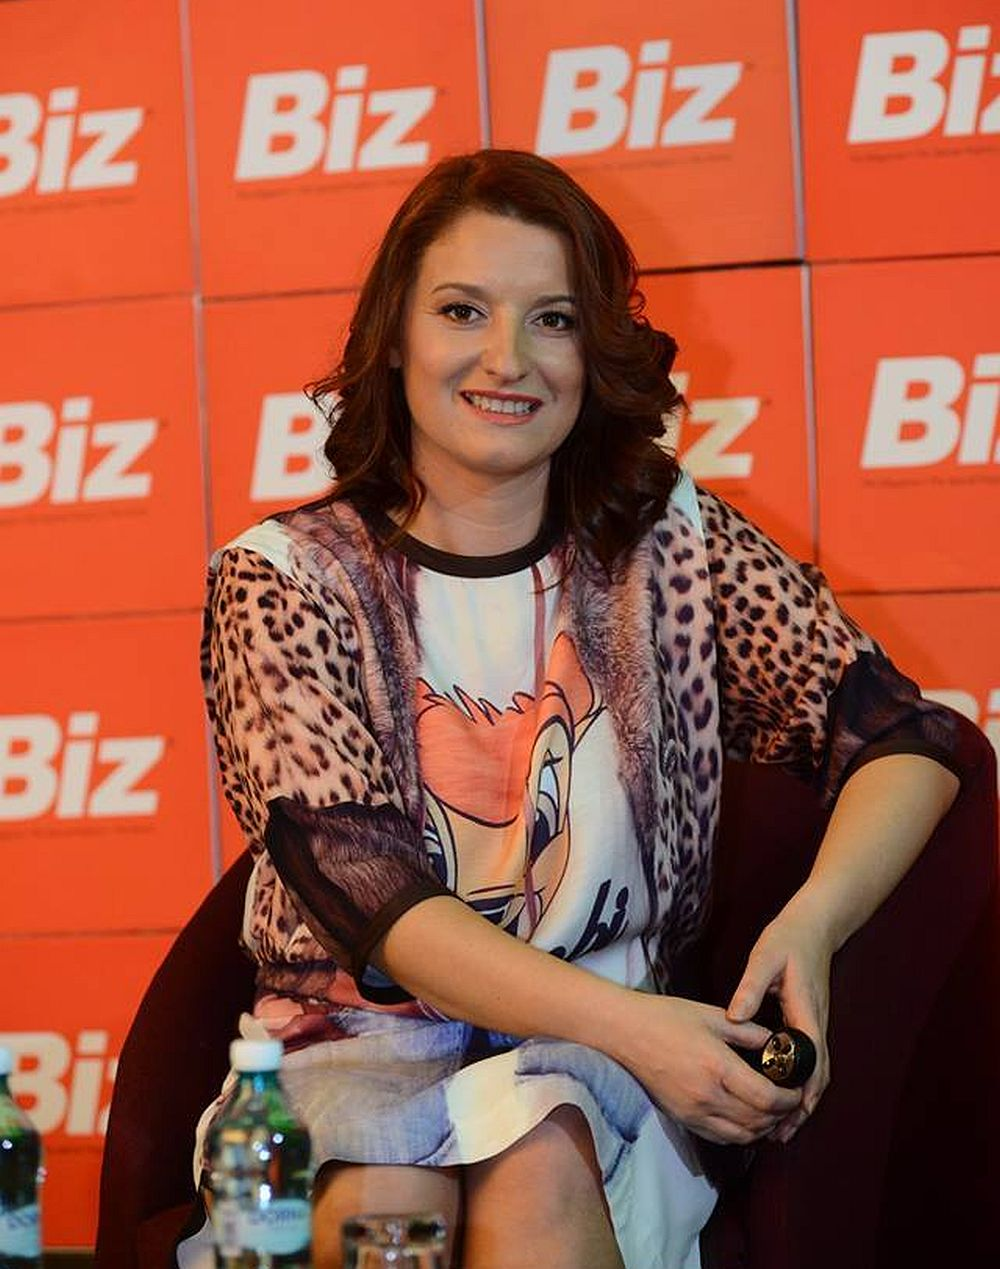 Marta Usurelu, redactor-sef revista Biz si blogger la martausurelu.ro